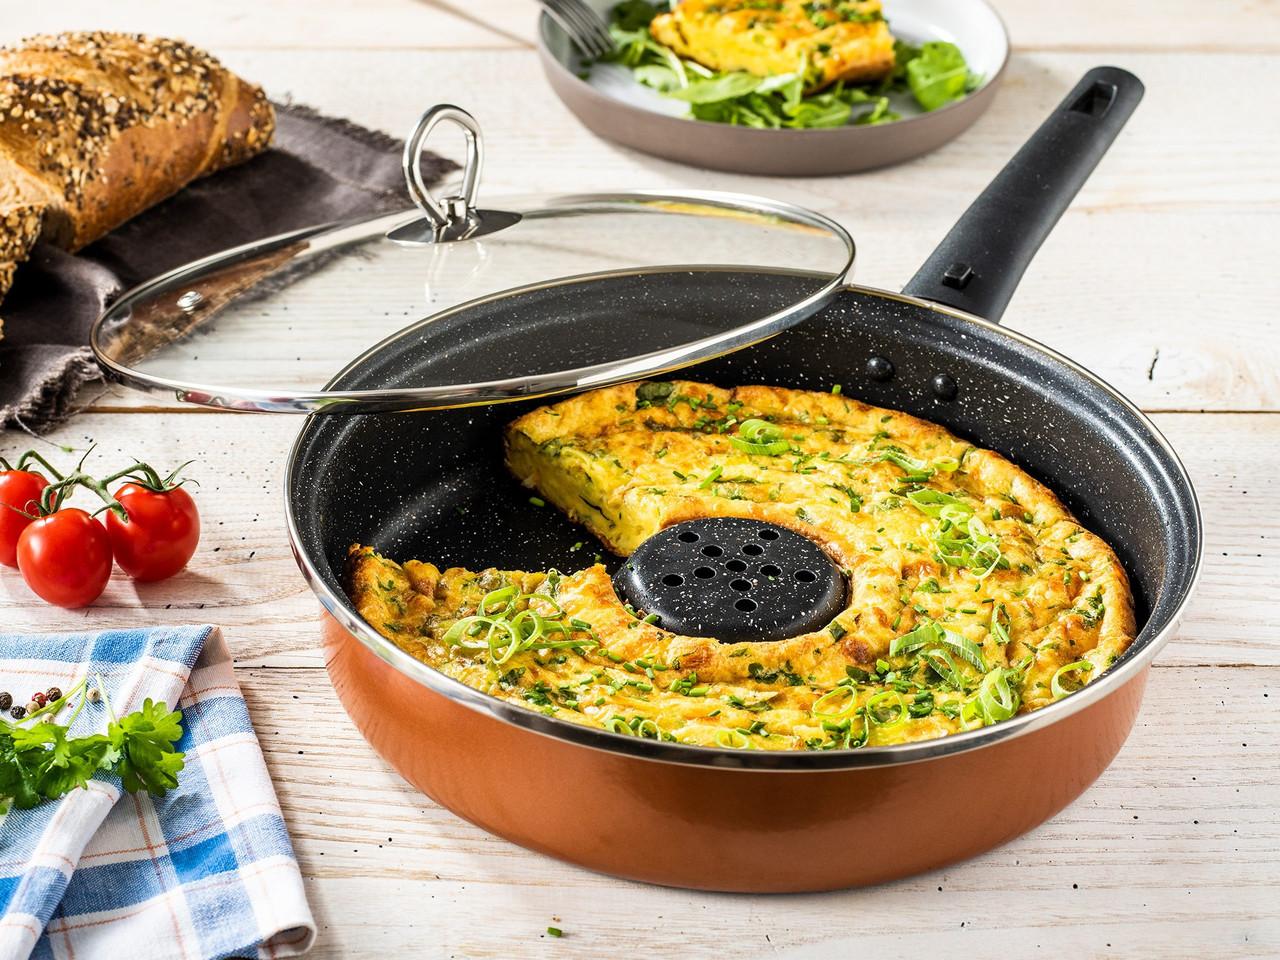 Универсальная сковорода Dry Cooker Kaitint Excellent, 26 см, черная